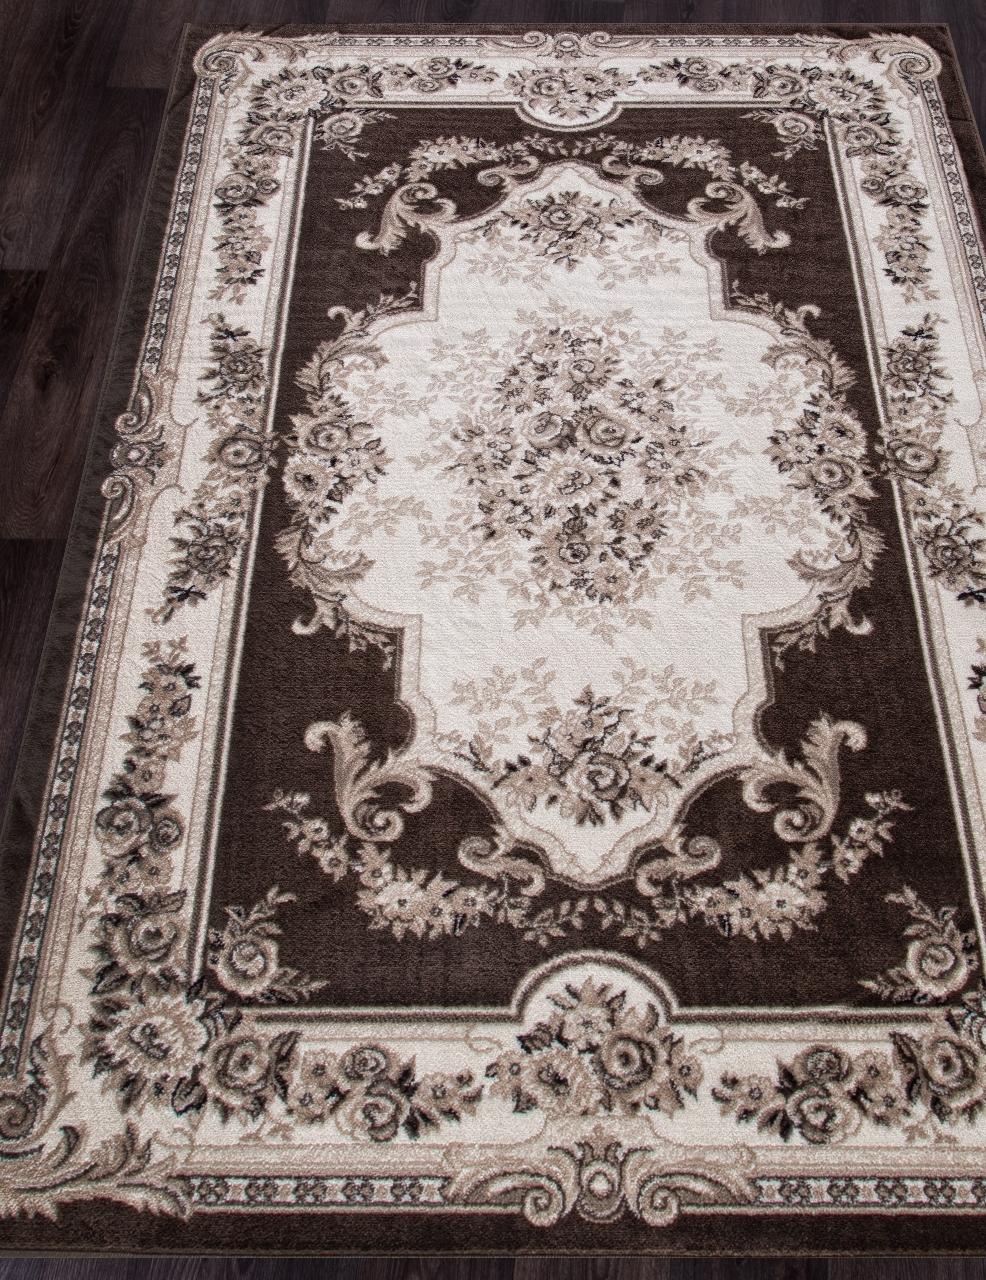 Ковер 4015 - BROWN - Прямоугольник - коллекция VALENCIA DELUXE - фото 1